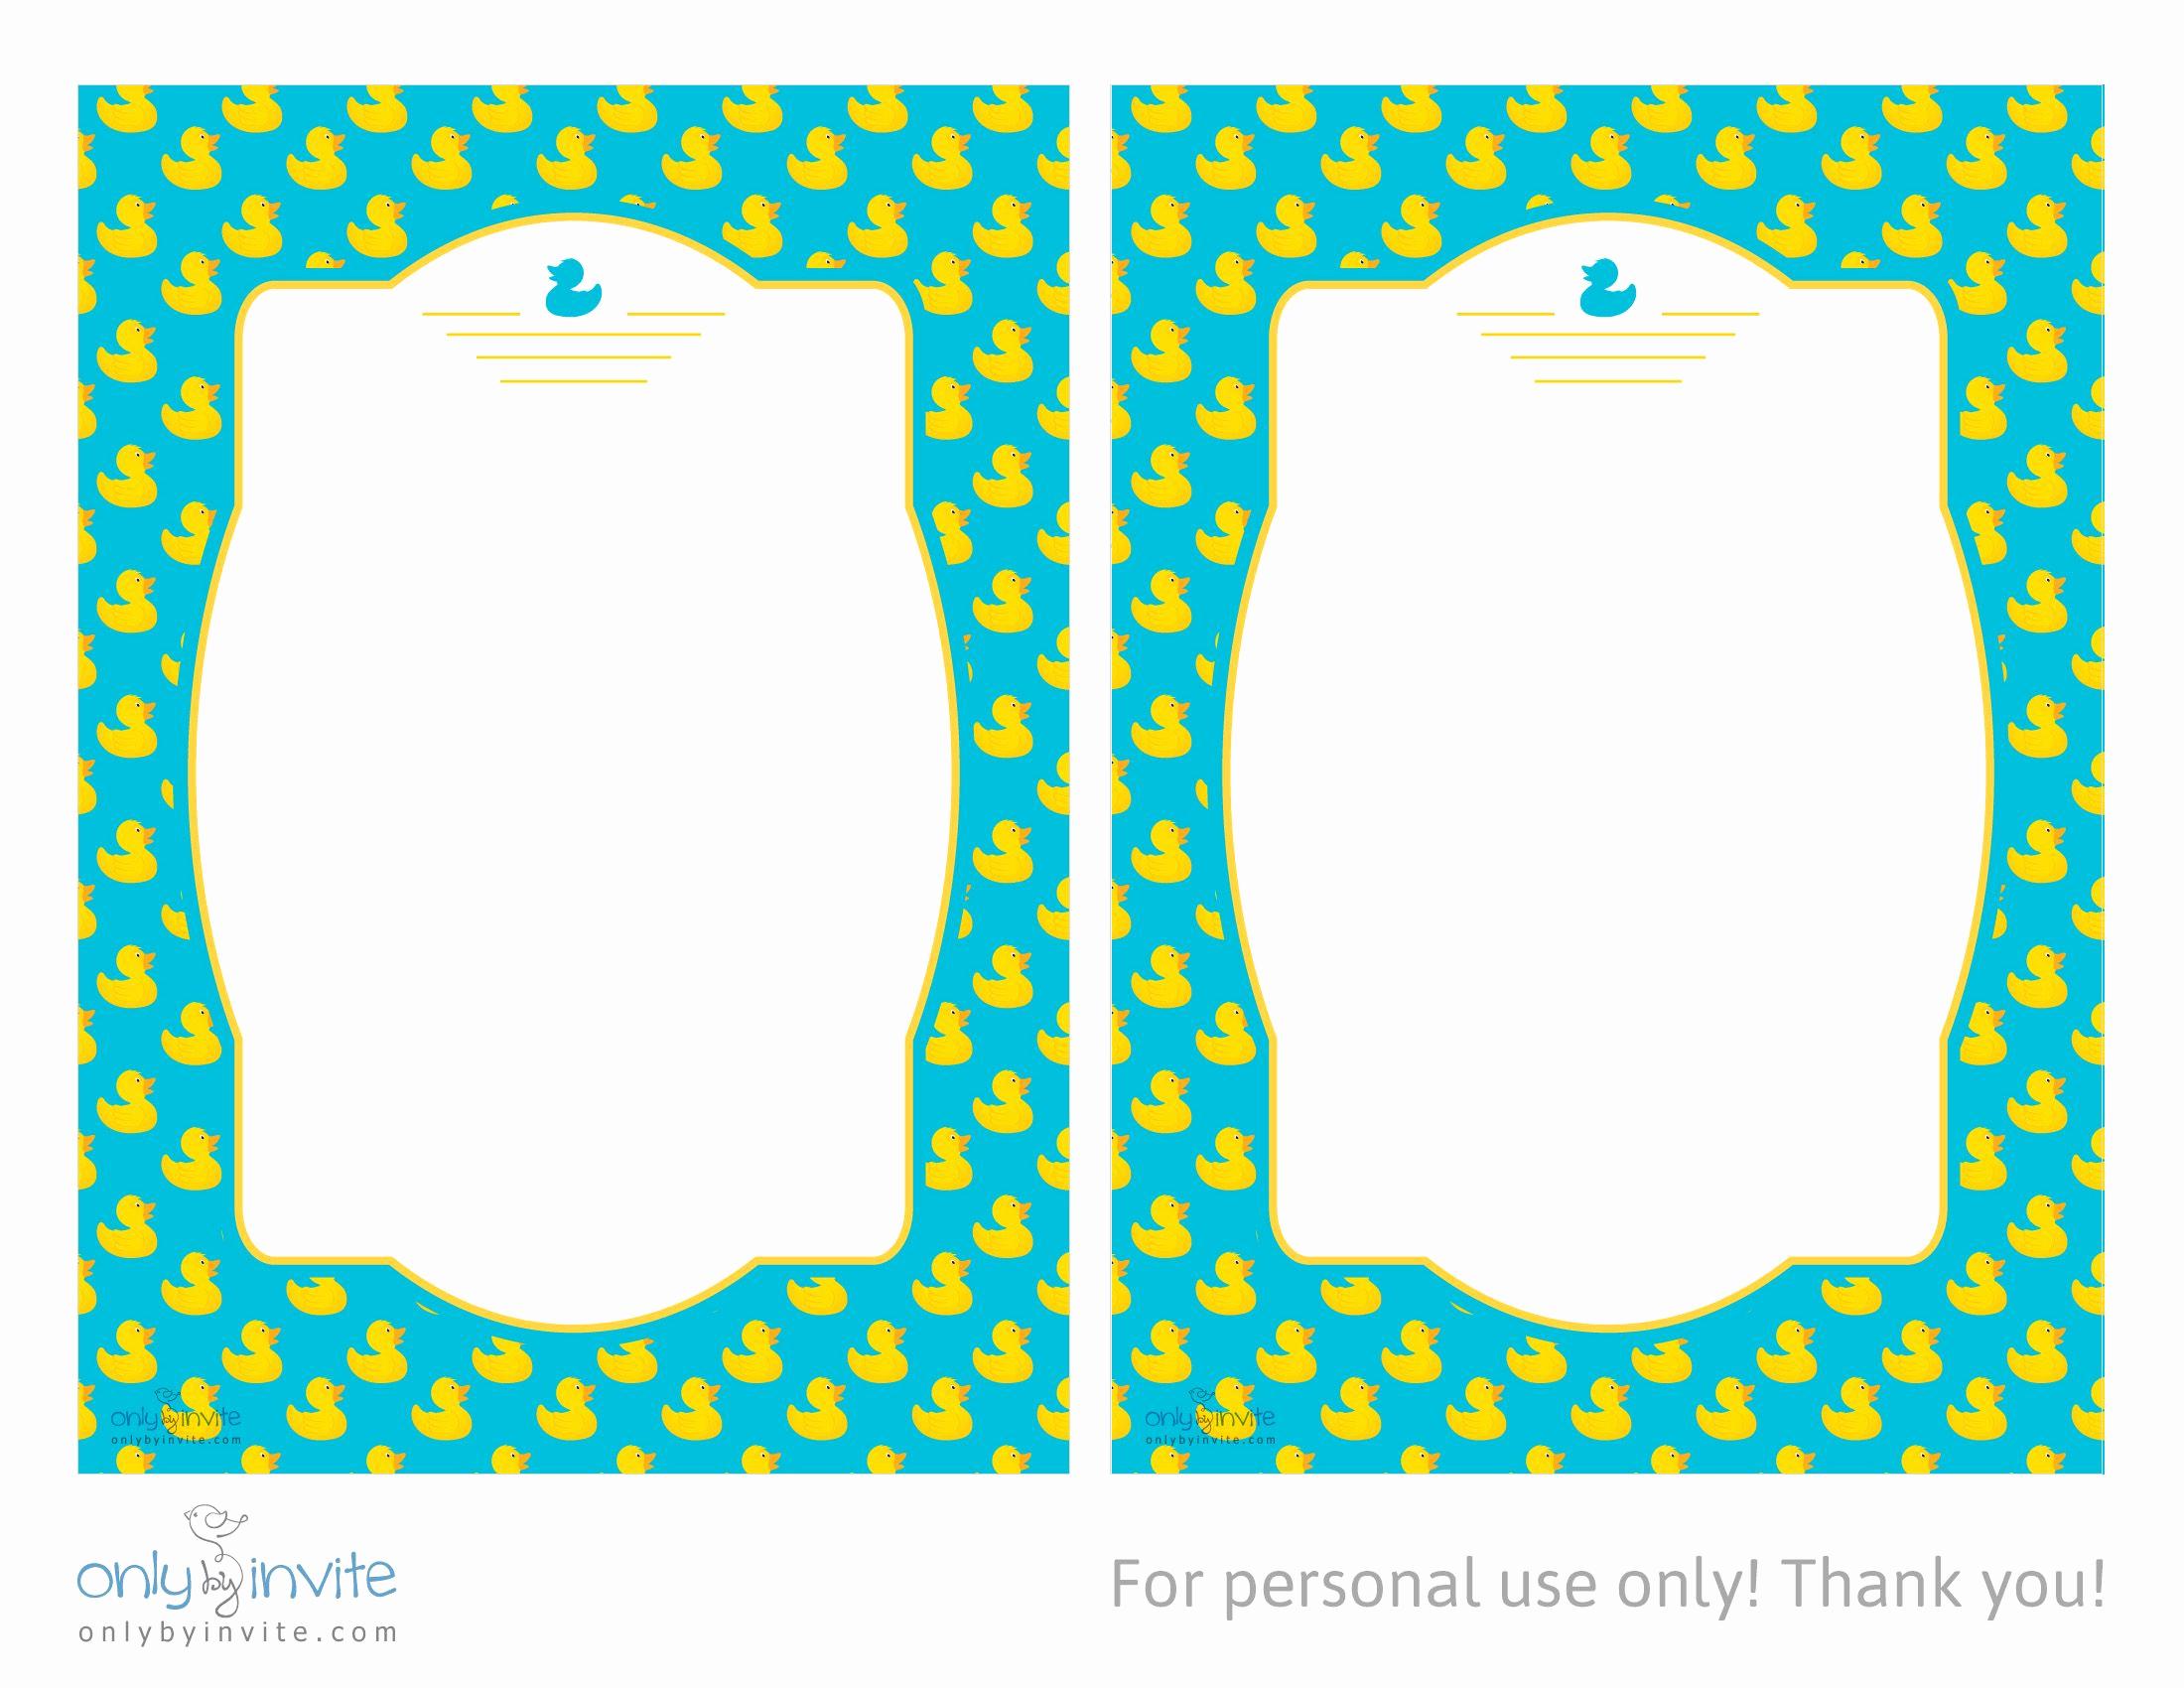 Michaels Baby Shower Invitation Unique Tropical Printable Rubber Ducky Baby Shower Invitations